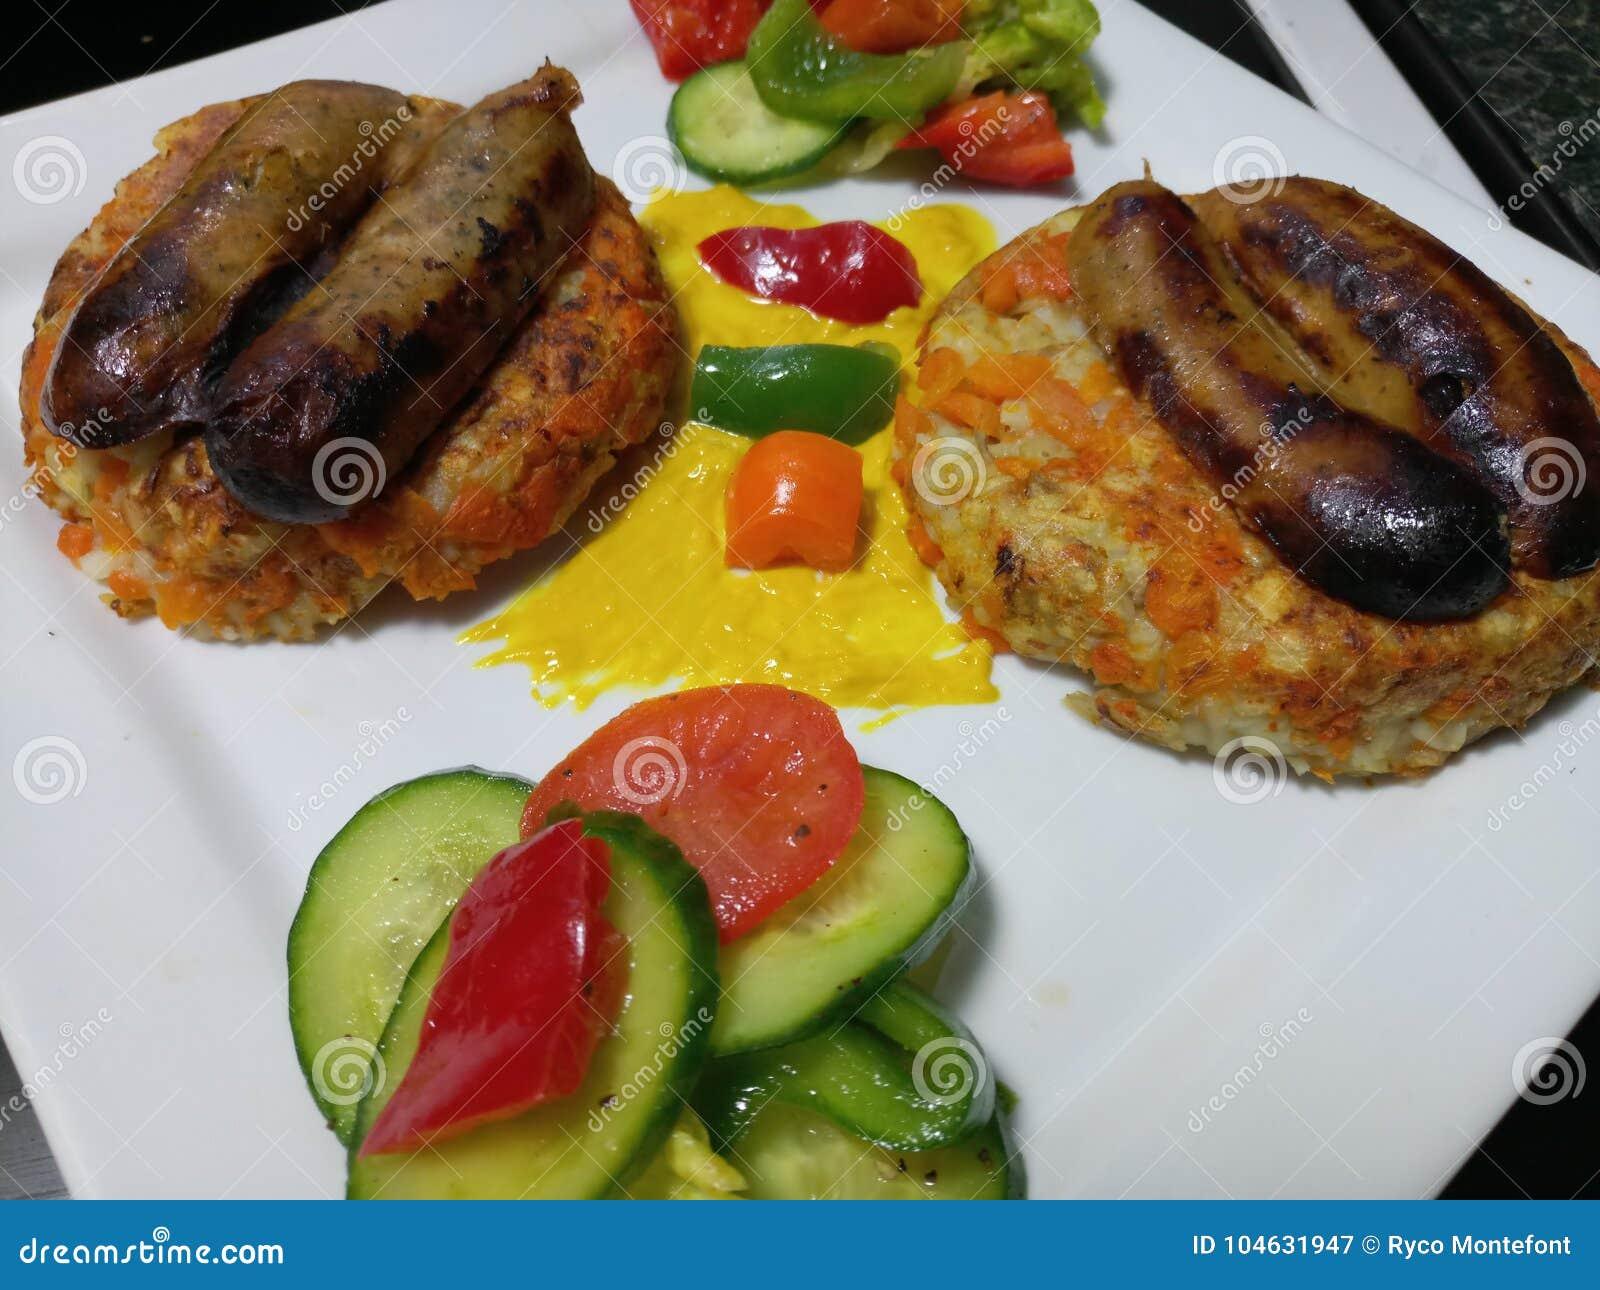 Download De Organische Verse Worsten Van Varkensvleeslincolnshire Met Broodjes En Groenten Stock Afbeelding - Afbeelding bestaande uit broodjes, organisch: 104631947